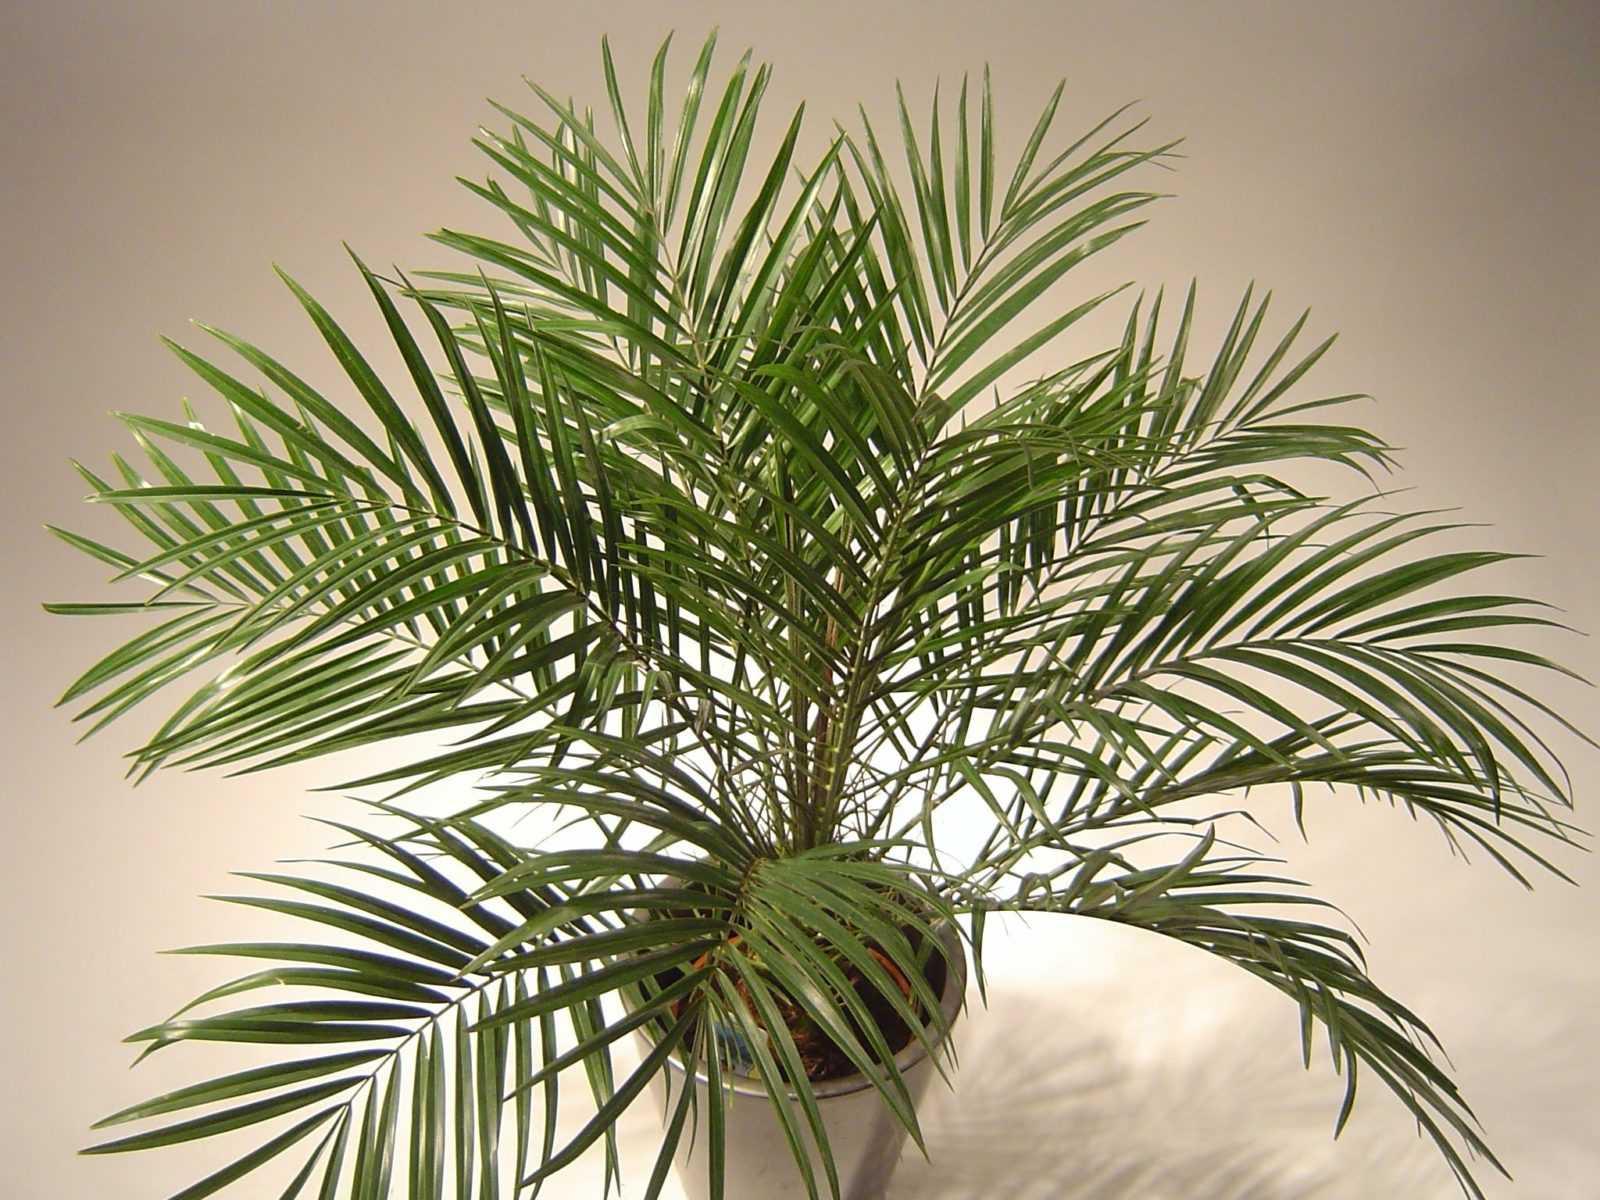 komnatnaya-palma-foto-video-vidy-palm-nazvanie-i-opisanie-rasteniya-30